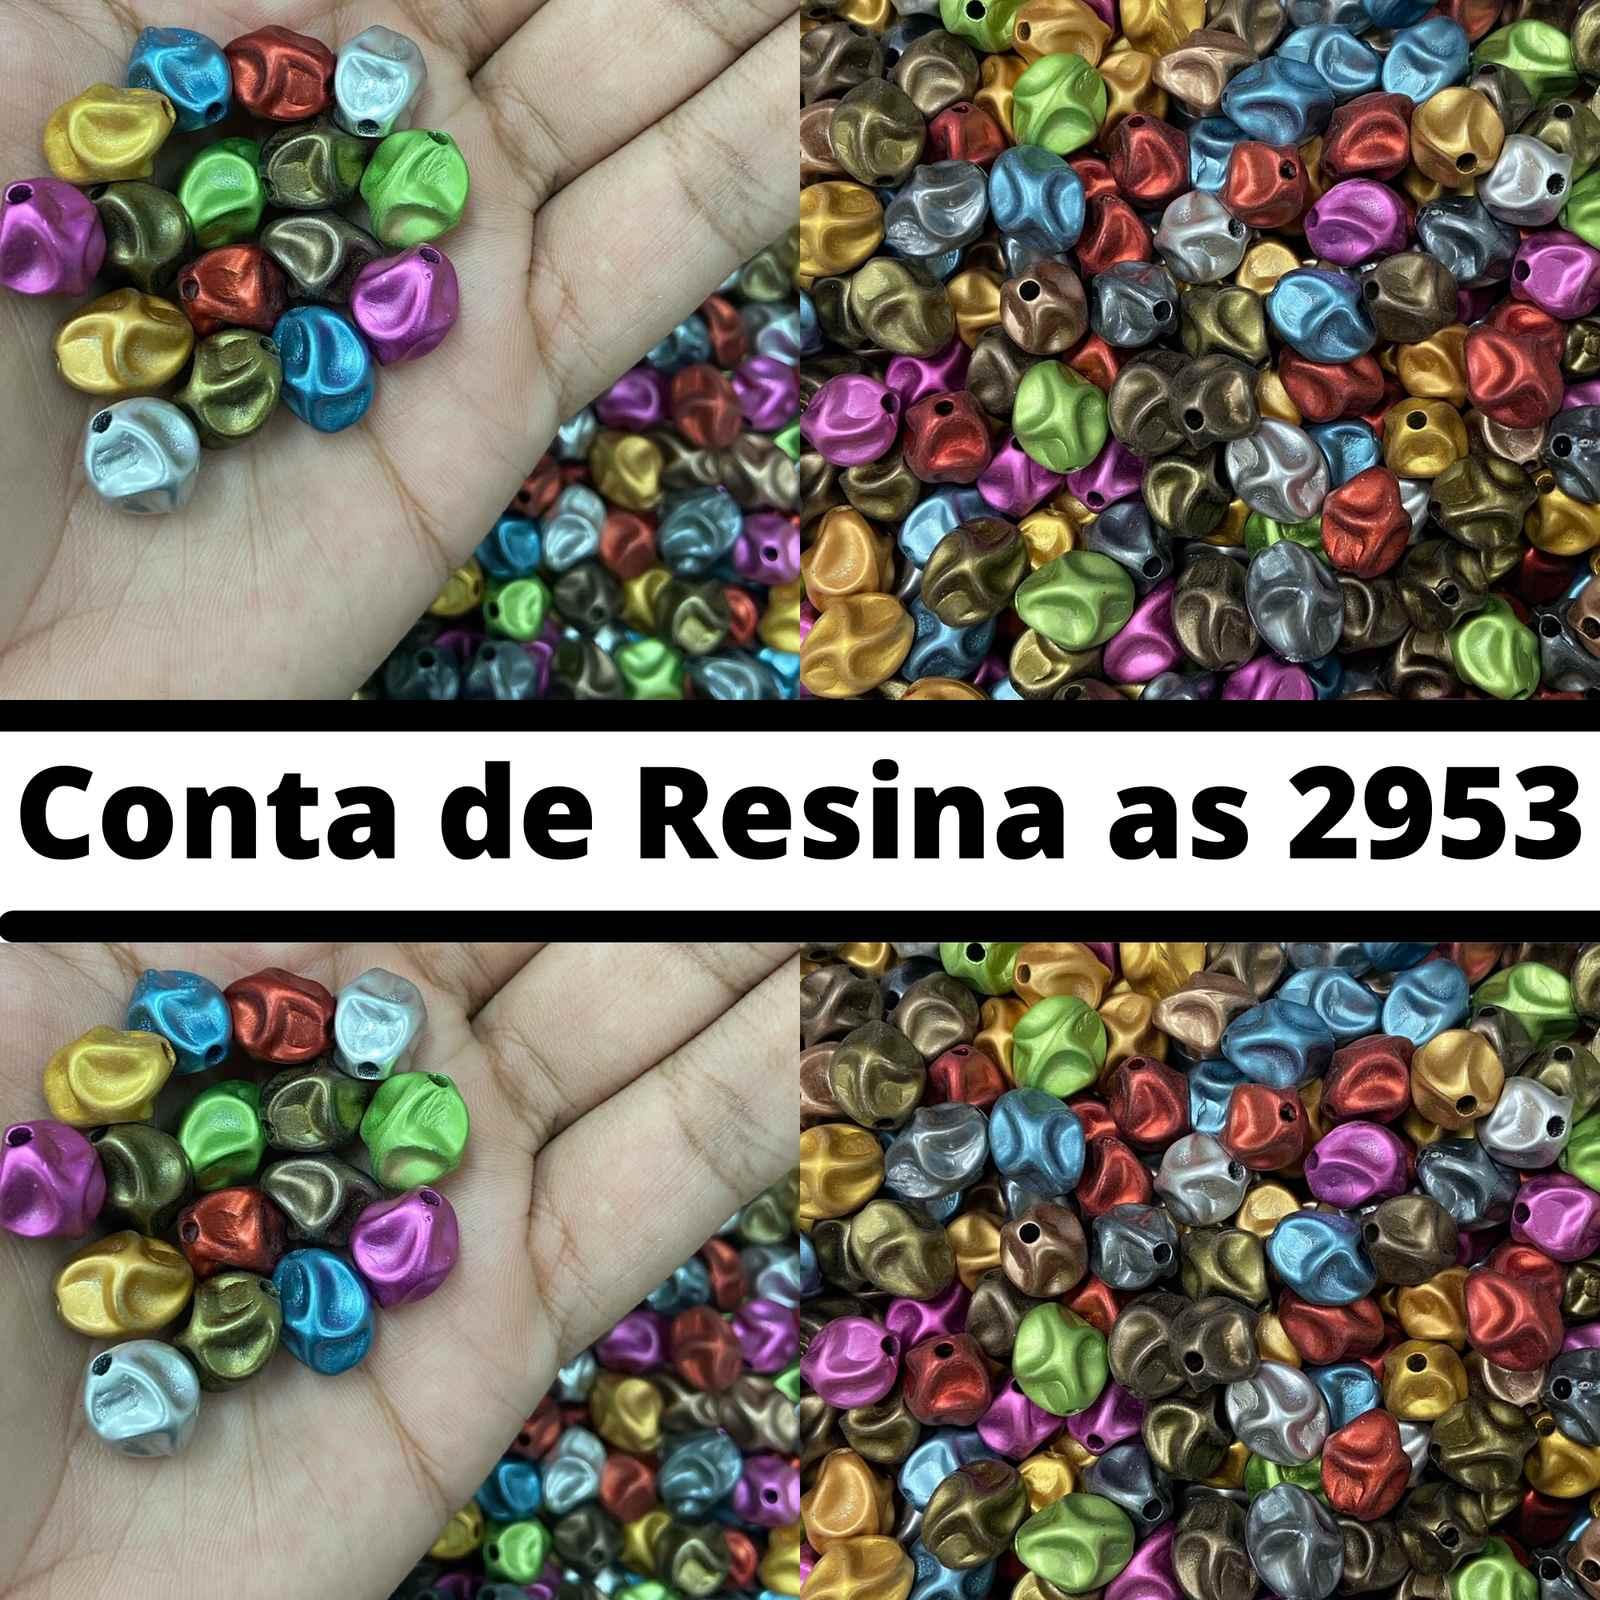 Conta de Resina 14mm as2953 - 500g